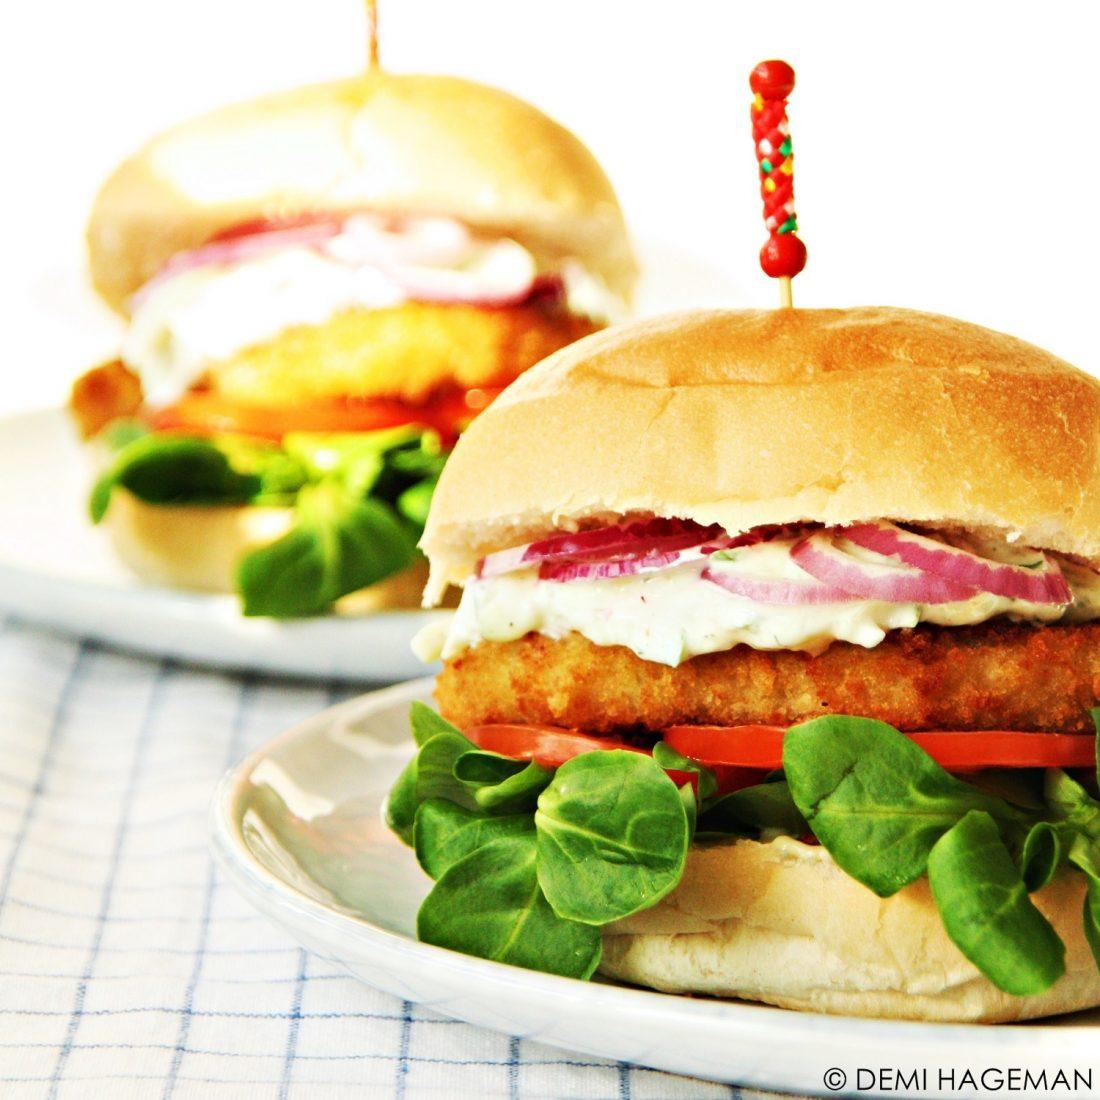 kabeljauwburgers met tzatziki